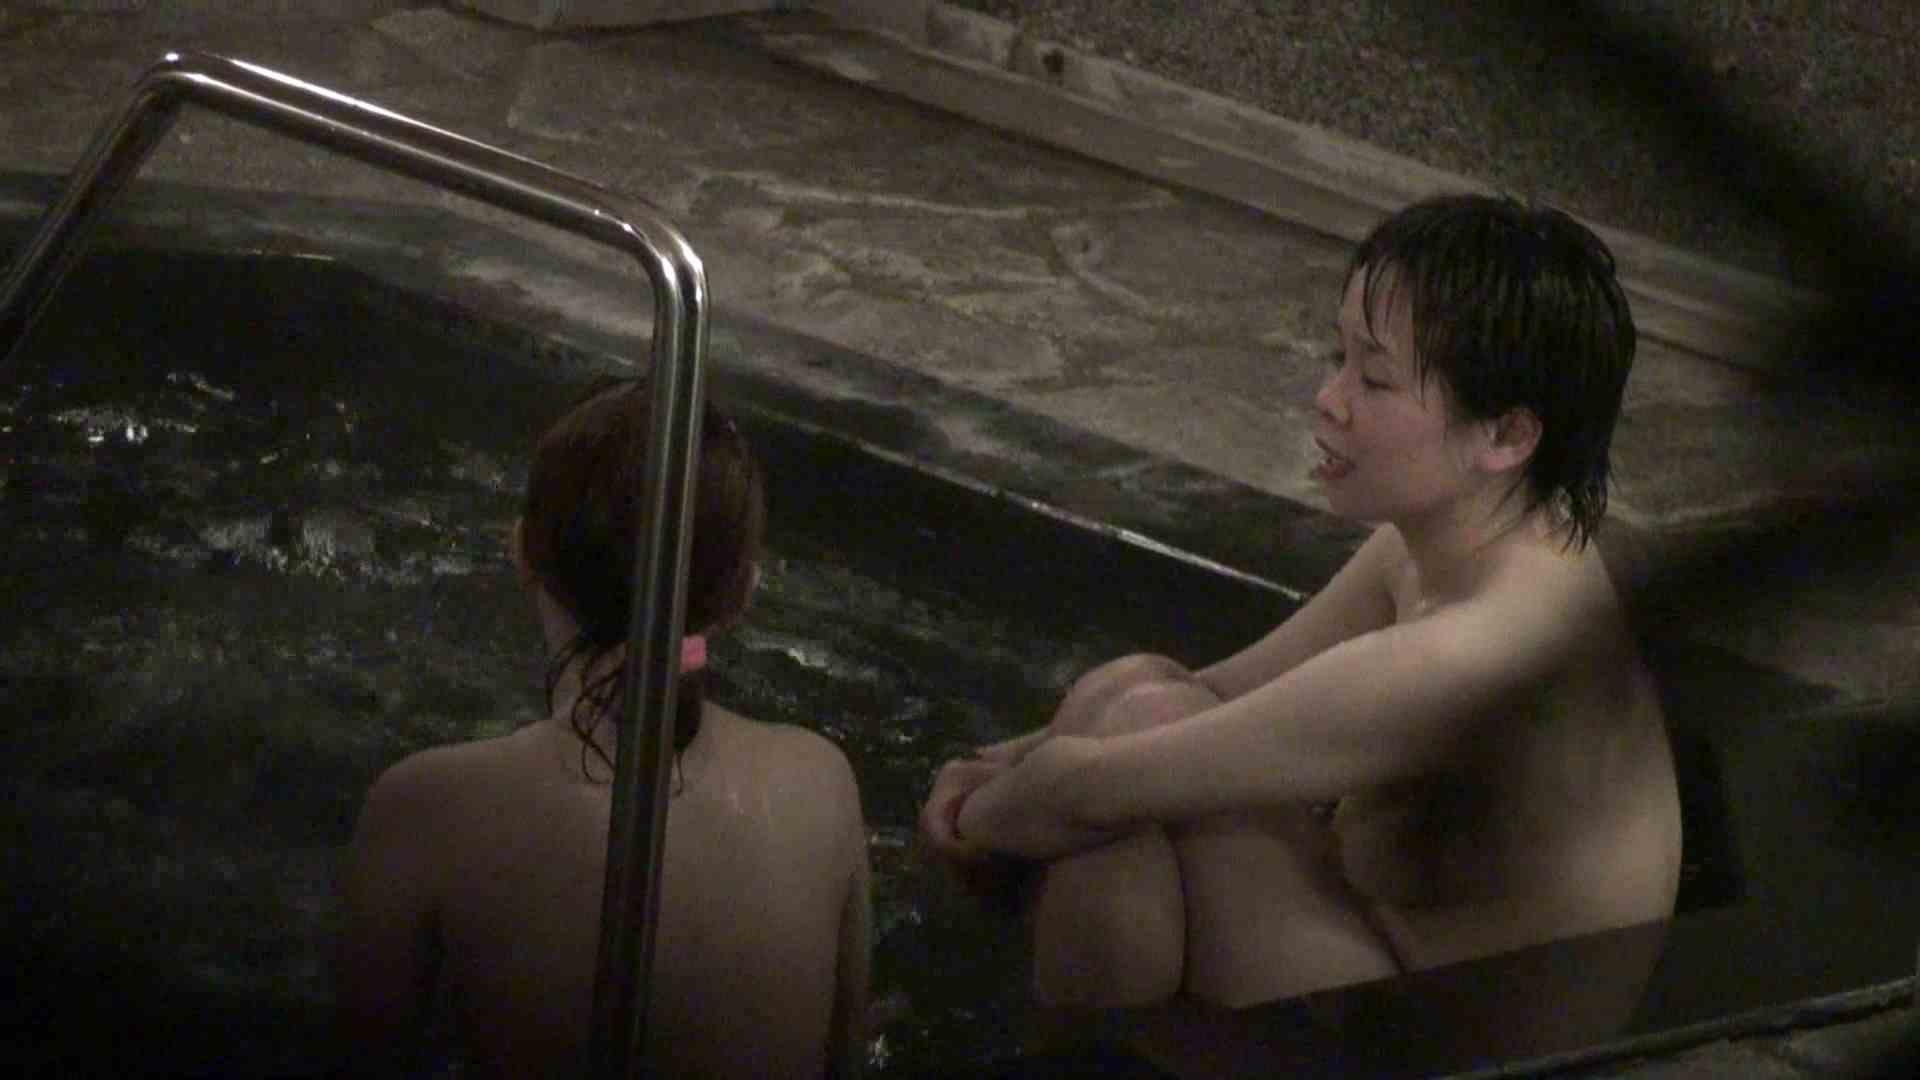 Aquaな露天風呂Vol.394 盗撮  99画像 99